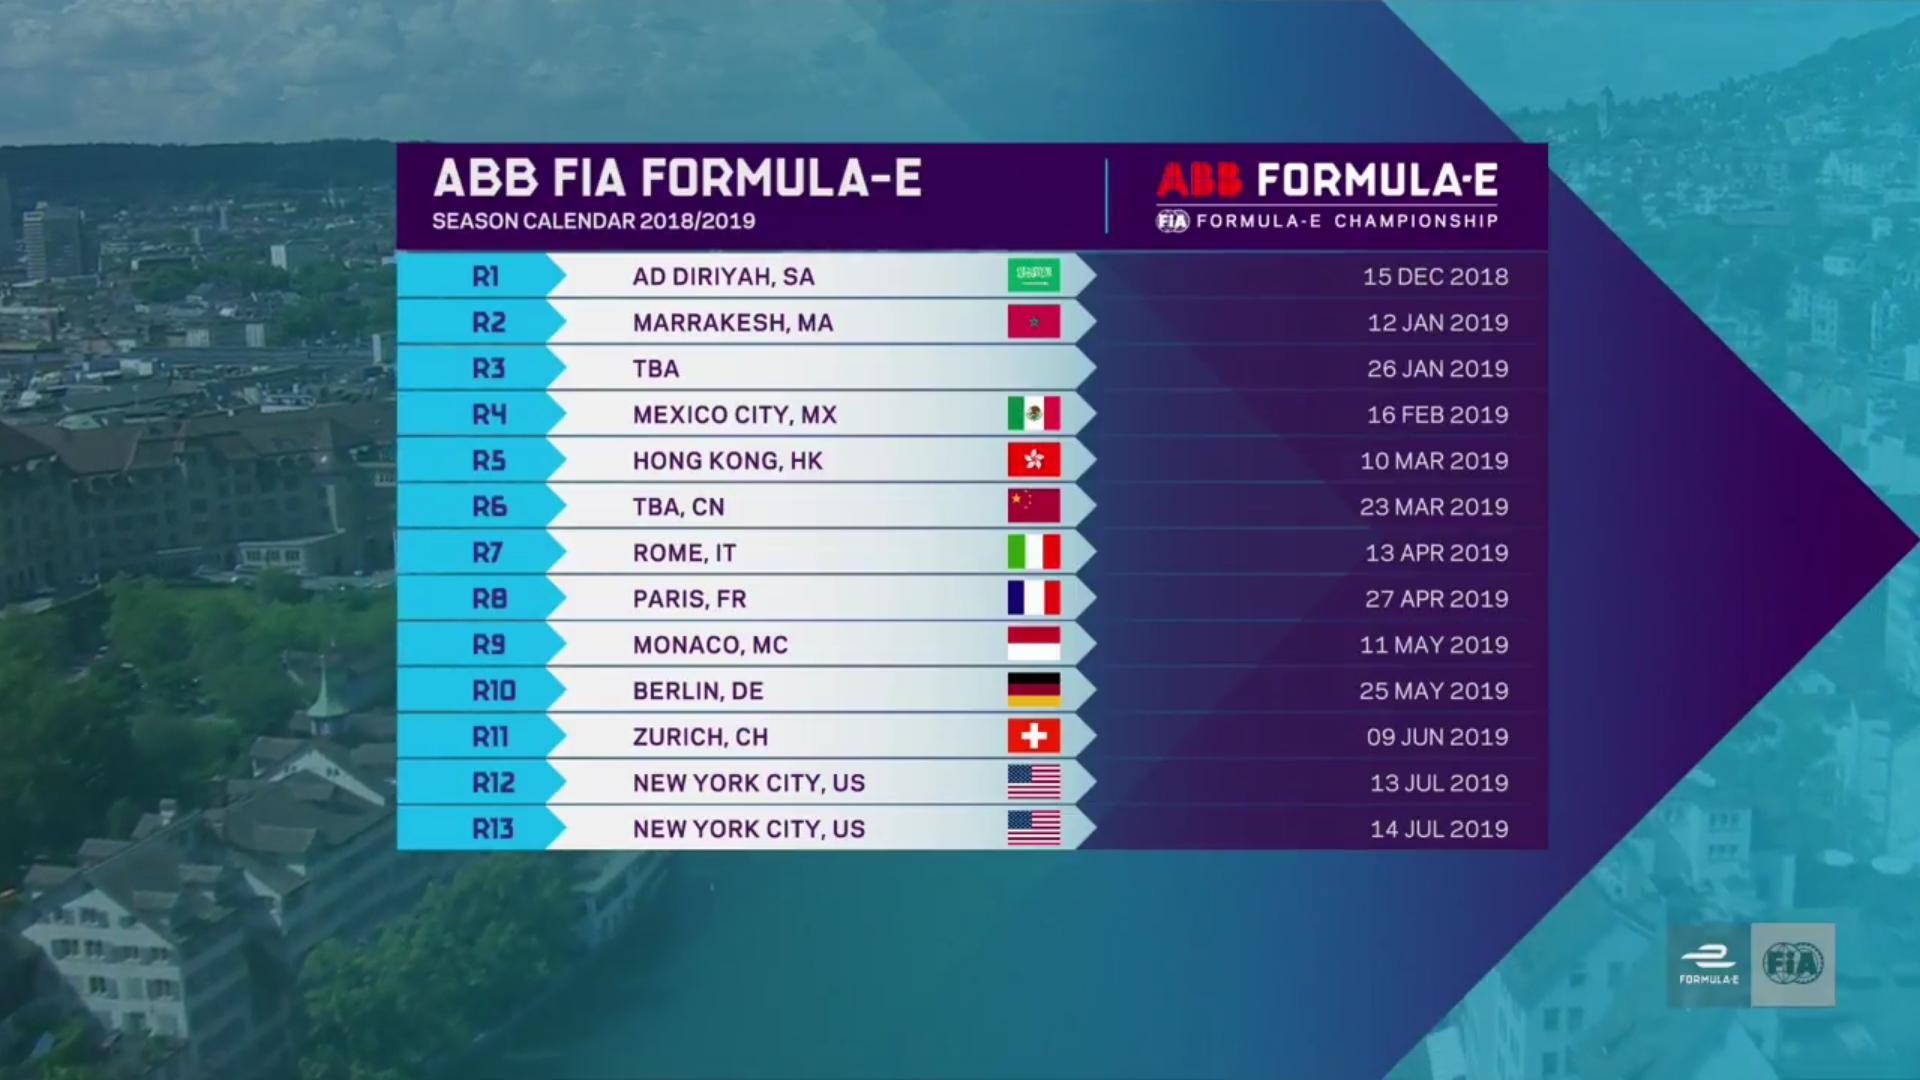 Season 5 Calendar : Formulae Fia Formula E Calendar 2019